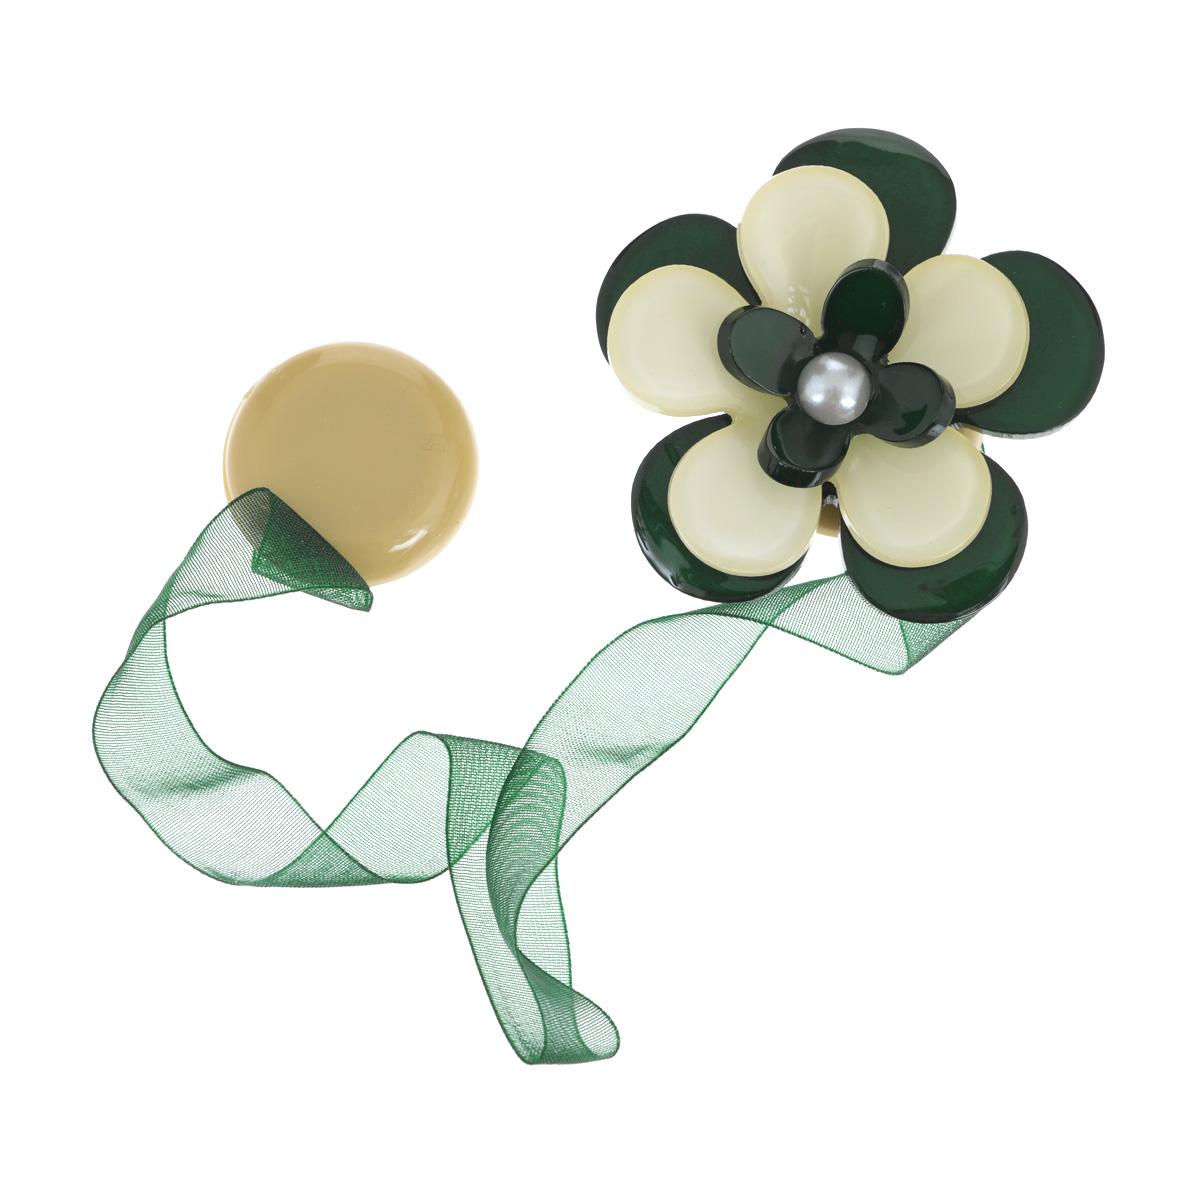 Клипса-магнит для штор Calamita Fiore, цвет: бутылочный, бежевый. 7704013_630RC-100BPCКлипса-магнит Calamita Fiore, изготовленная из пластика и полиэстера, предназначена для придания формы шторам. Изделие представляет собой два магнита, расположенные на разных концах текстильной ленты. Один из магнитов оформлен декоративным цветком. С помощью такой магнитной клипсы можно зафиксировать портьеры, придать им требуемое положение, сделать складки симметричными или приблизить портьеры, скрепить их. Клипсы для штор являются универсальным изделием, которое превосходно подойдет как для штор в детской комнате, так и для штор в гостиной. Следует отметить, что клипсы для штор выполняют не только практическую функцию, но также являются одной из основных деталей декора, которая придает шторам восхитительный, стильный внешний вид.Диаметр декоративного цветка: 5 см.Длина ленты: 28 см.